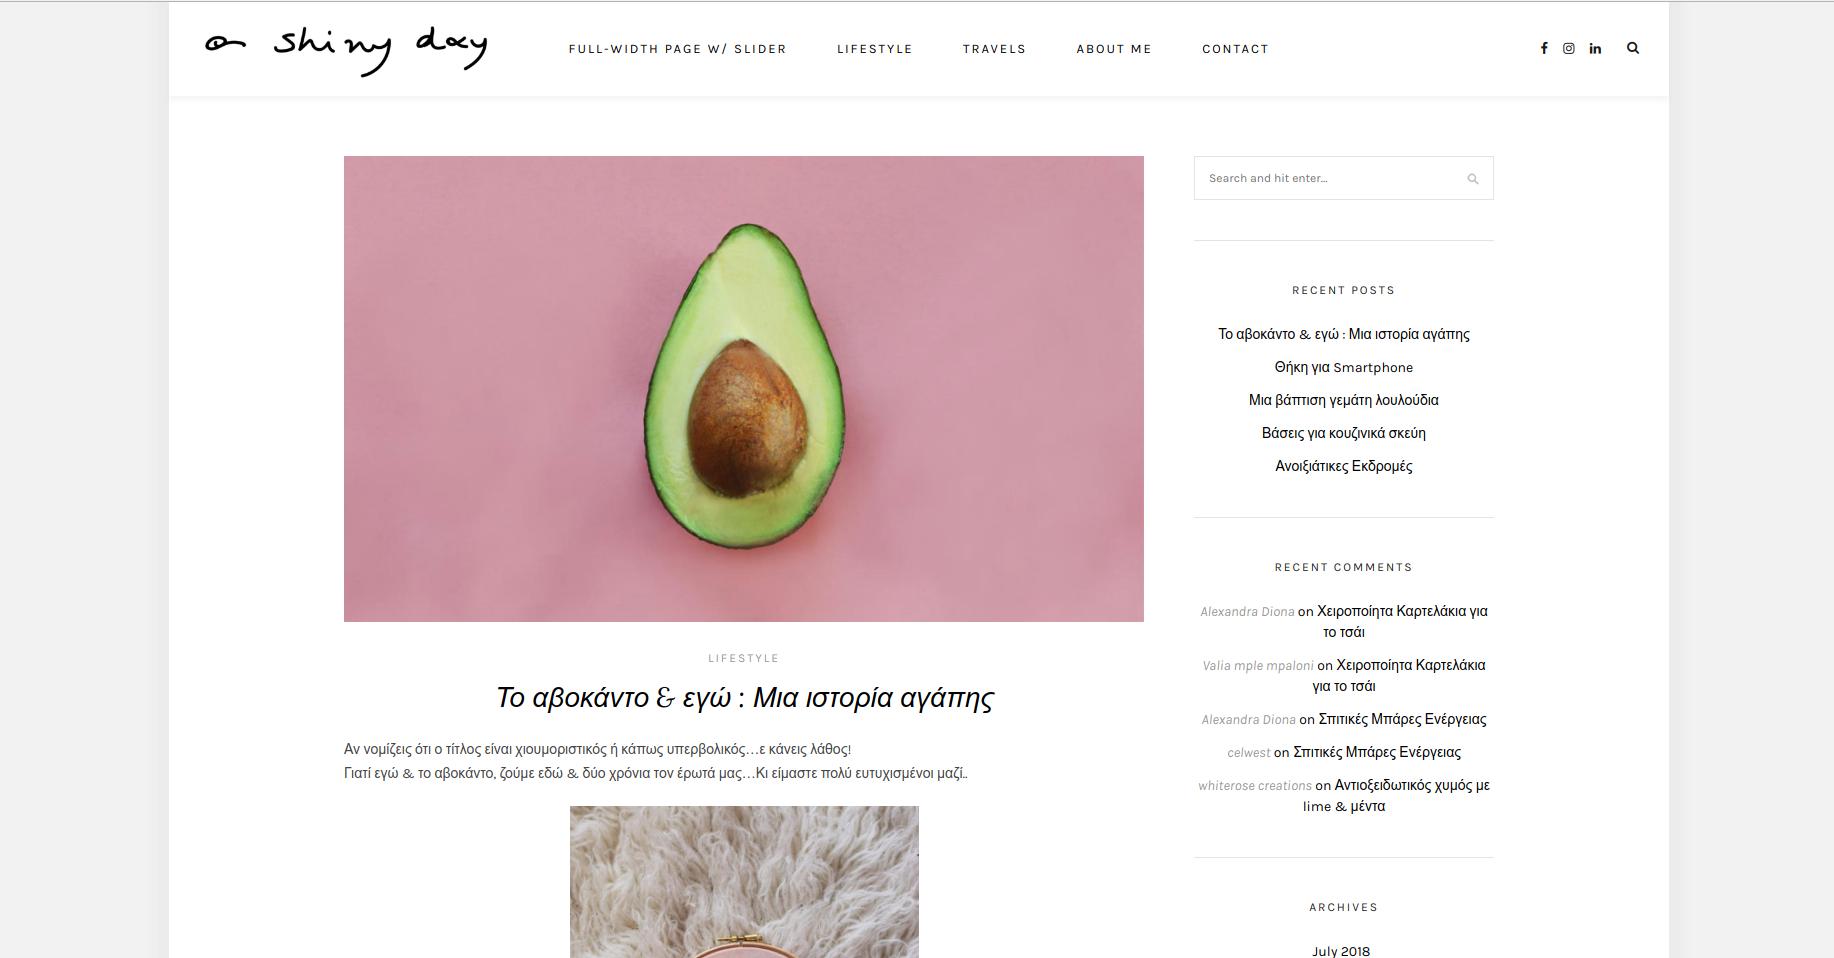 infinityweb-ashinyday-homepage